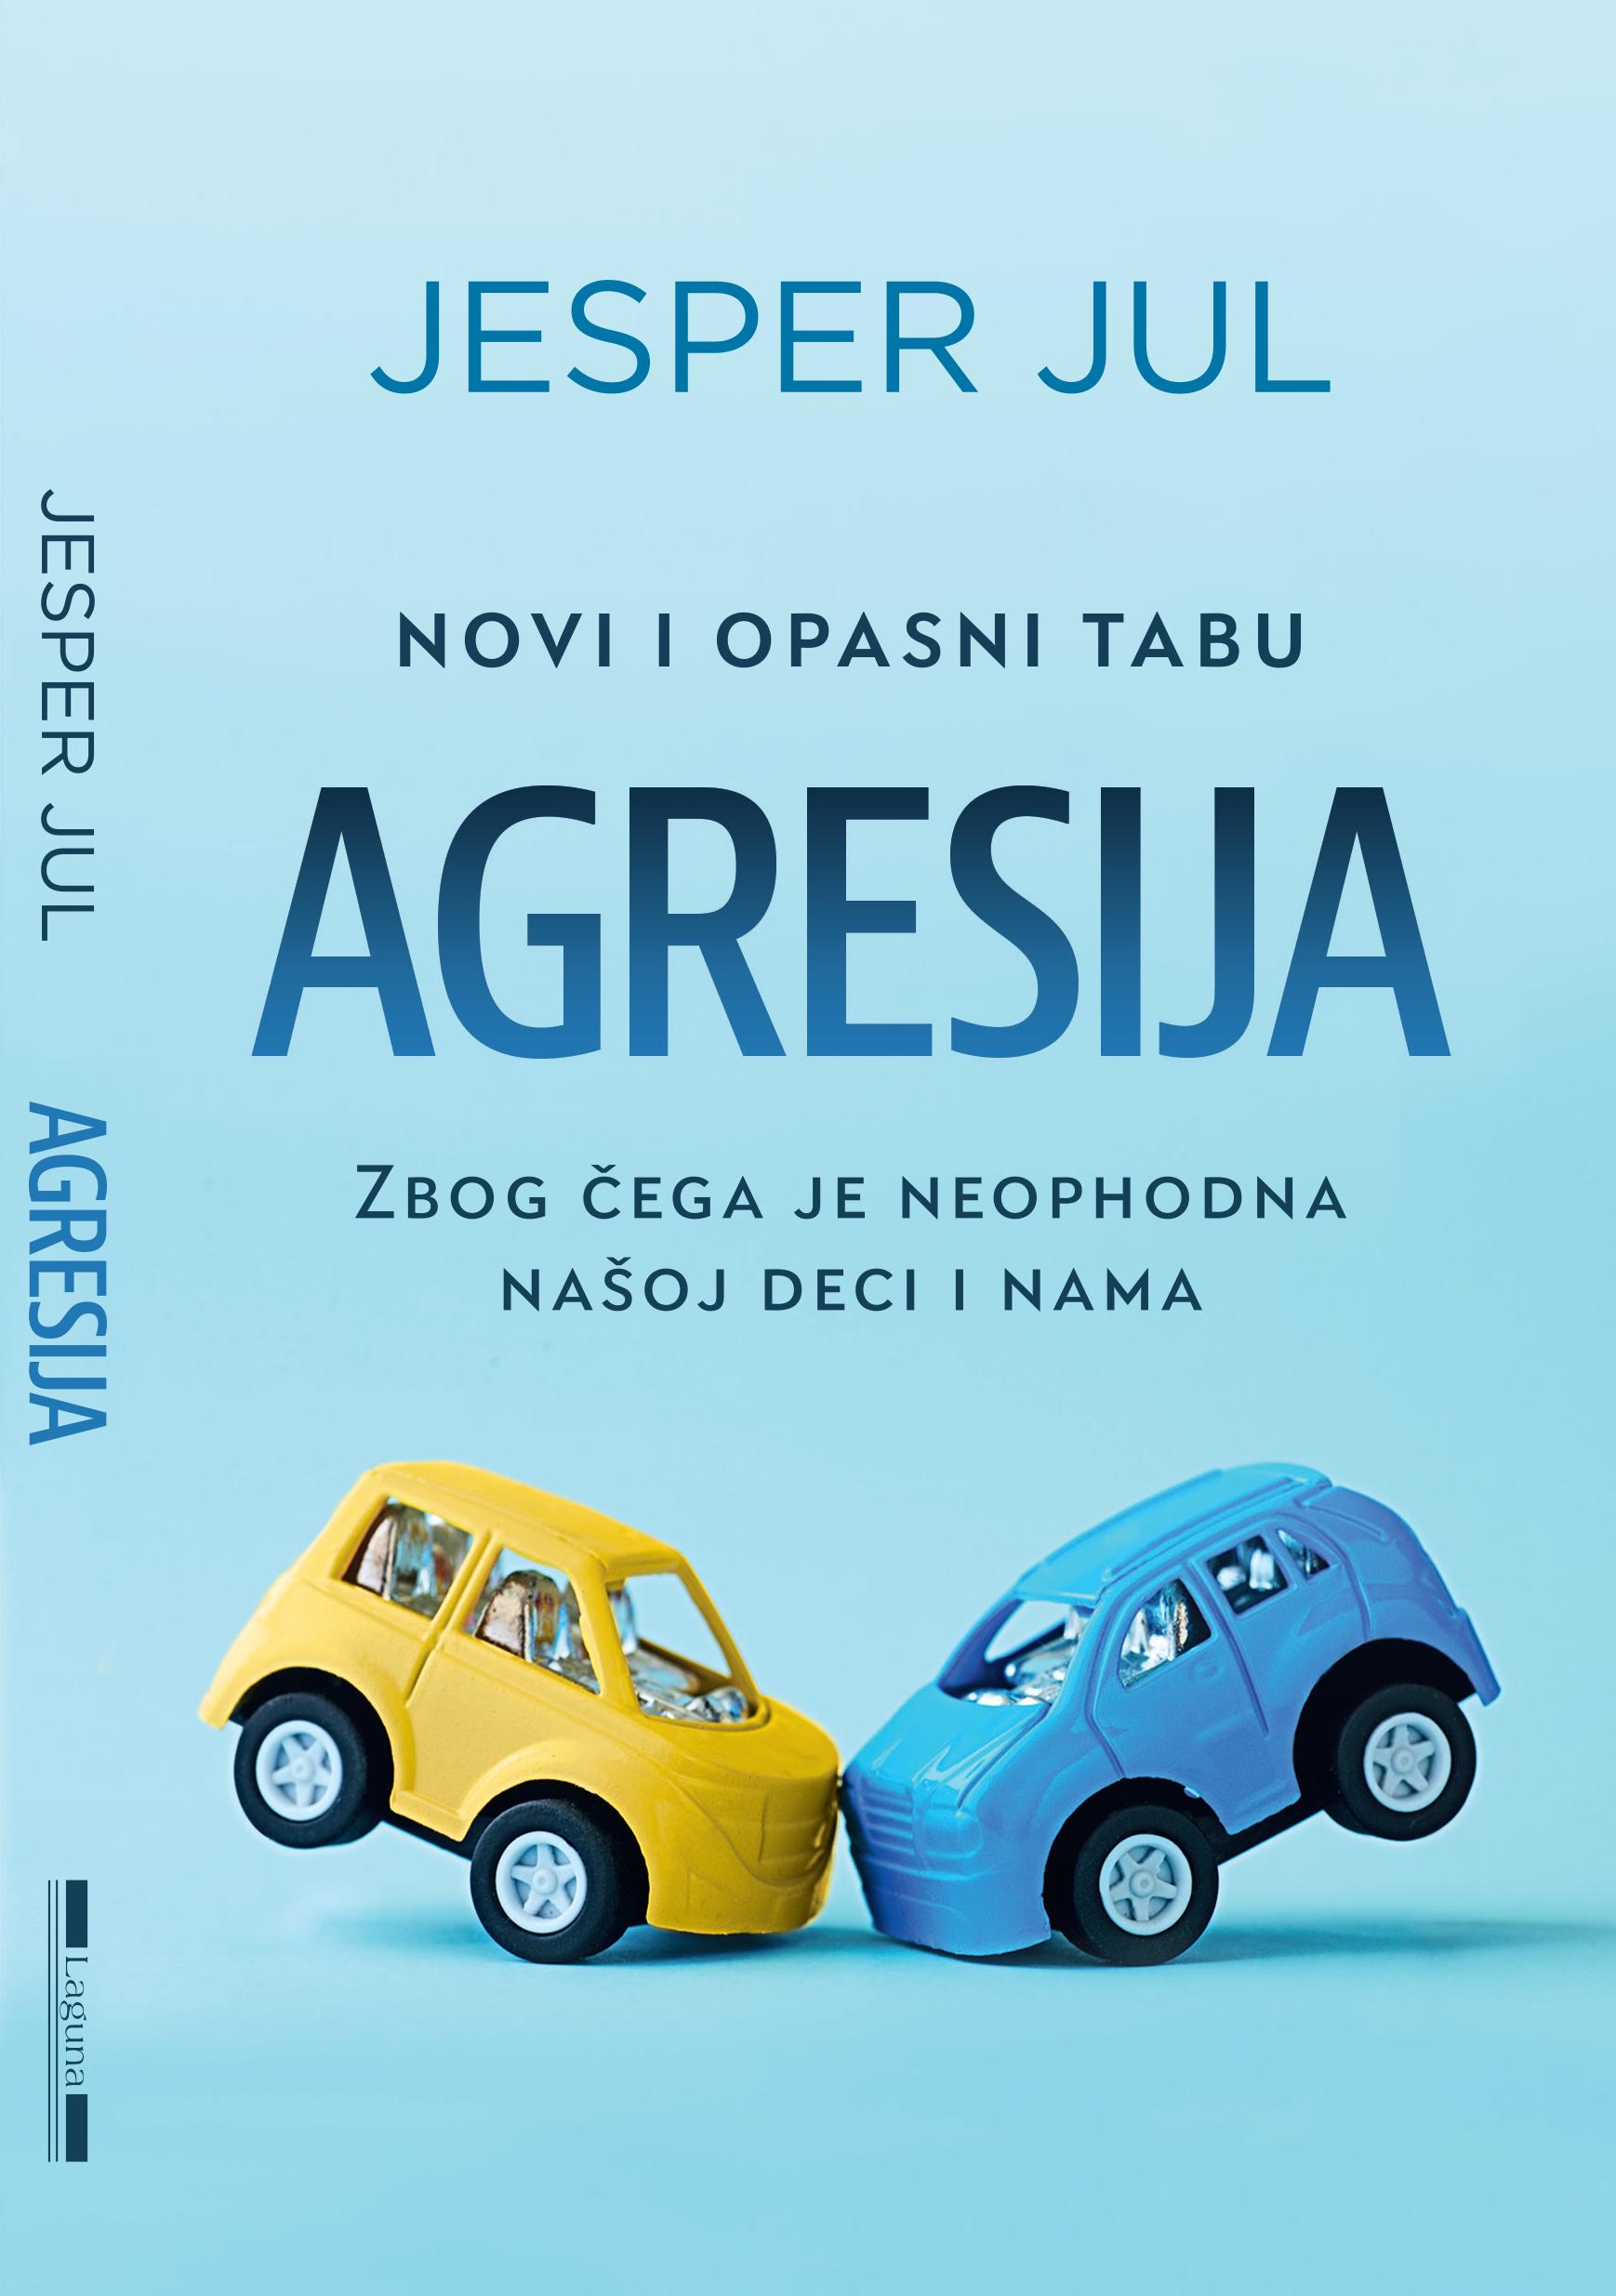 Jesper Jul - Agresija